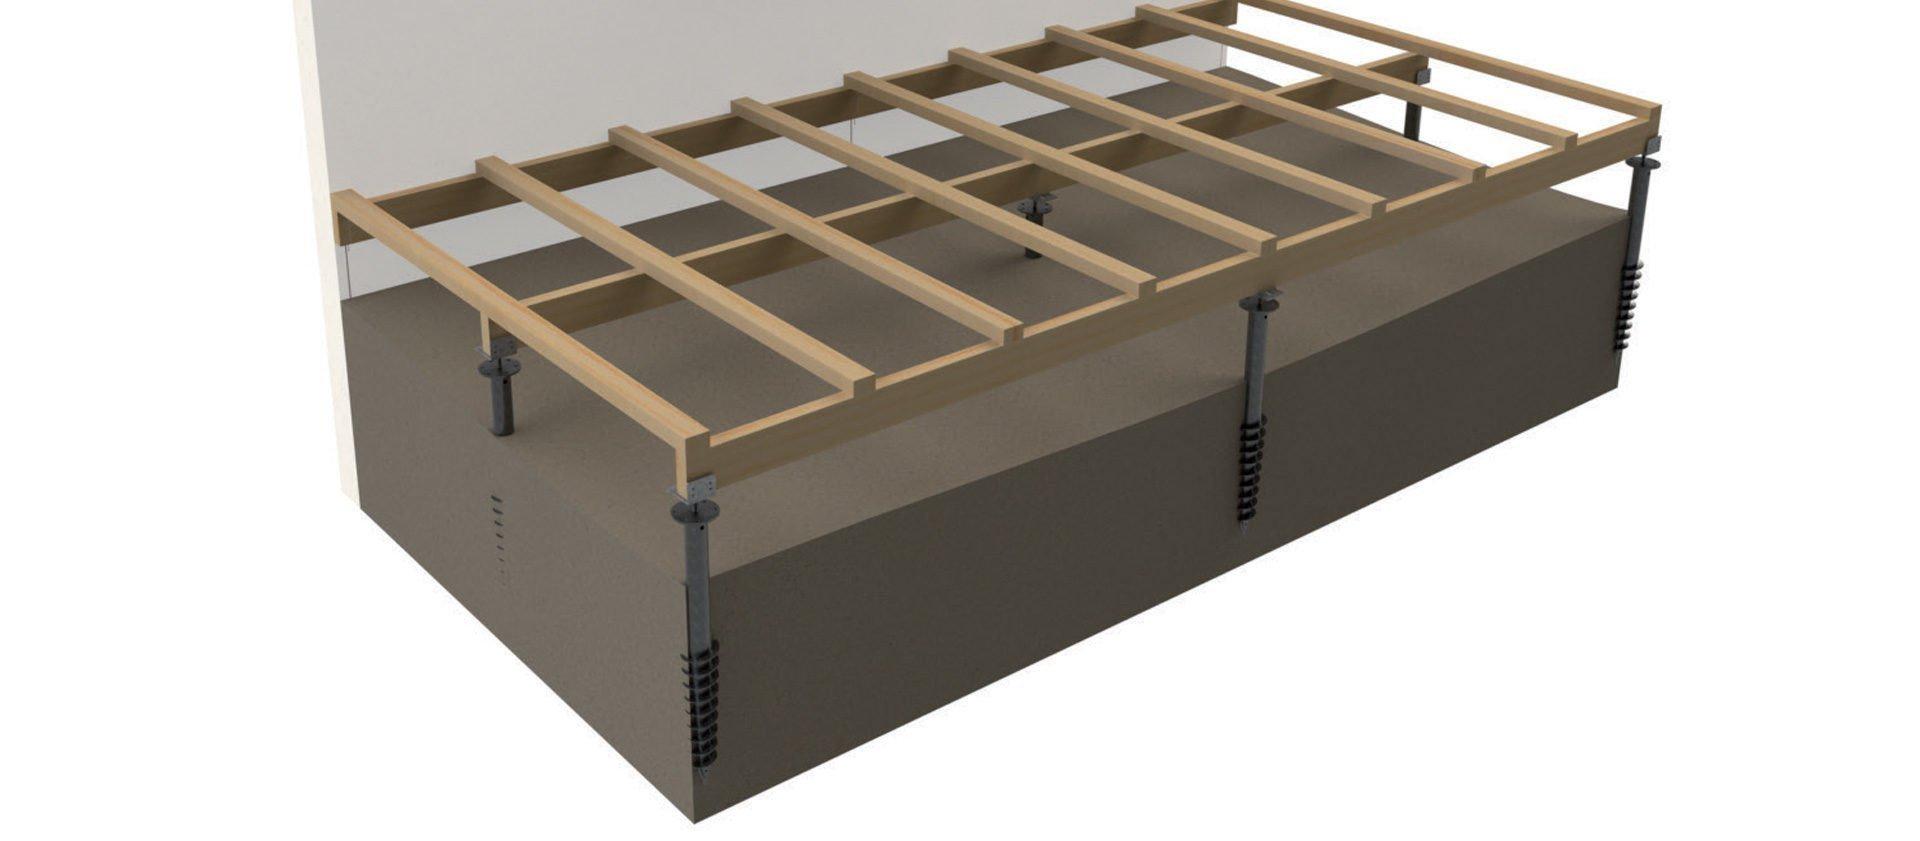 vis de fondation pour structure de terrasse bois fiberdeck. Black Bedroom Furniture Sets. Home Design Ideas